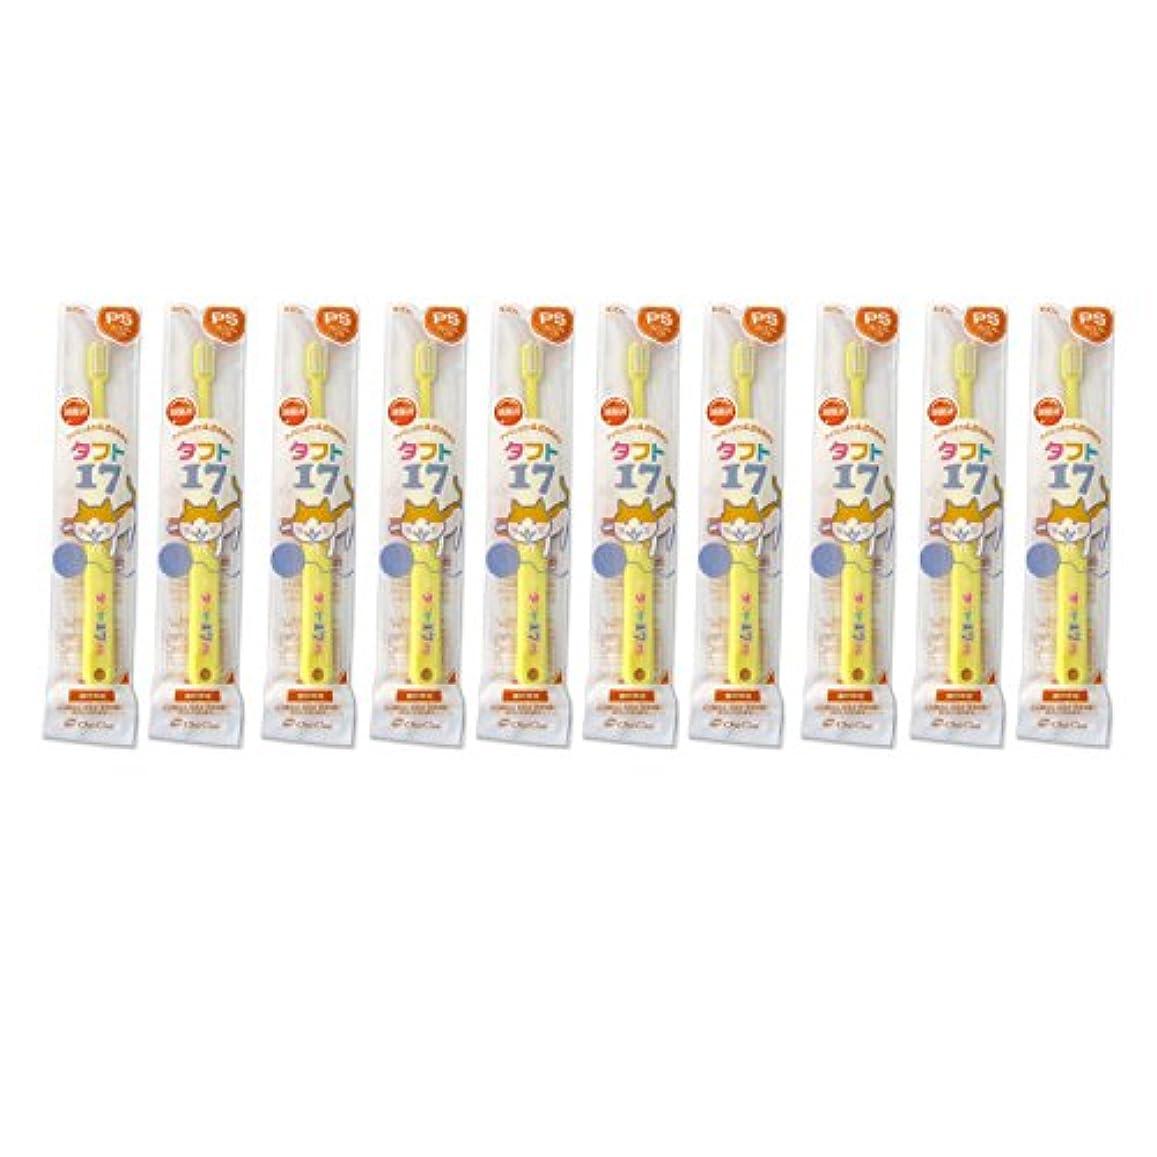 後継統合するプロフィールタフト17 10本 オーラルケア タフト17/プレミアムソフト 子供 タフト 乳歯列期(1~7歳)こども歯ブラシ 10本セット イエロー